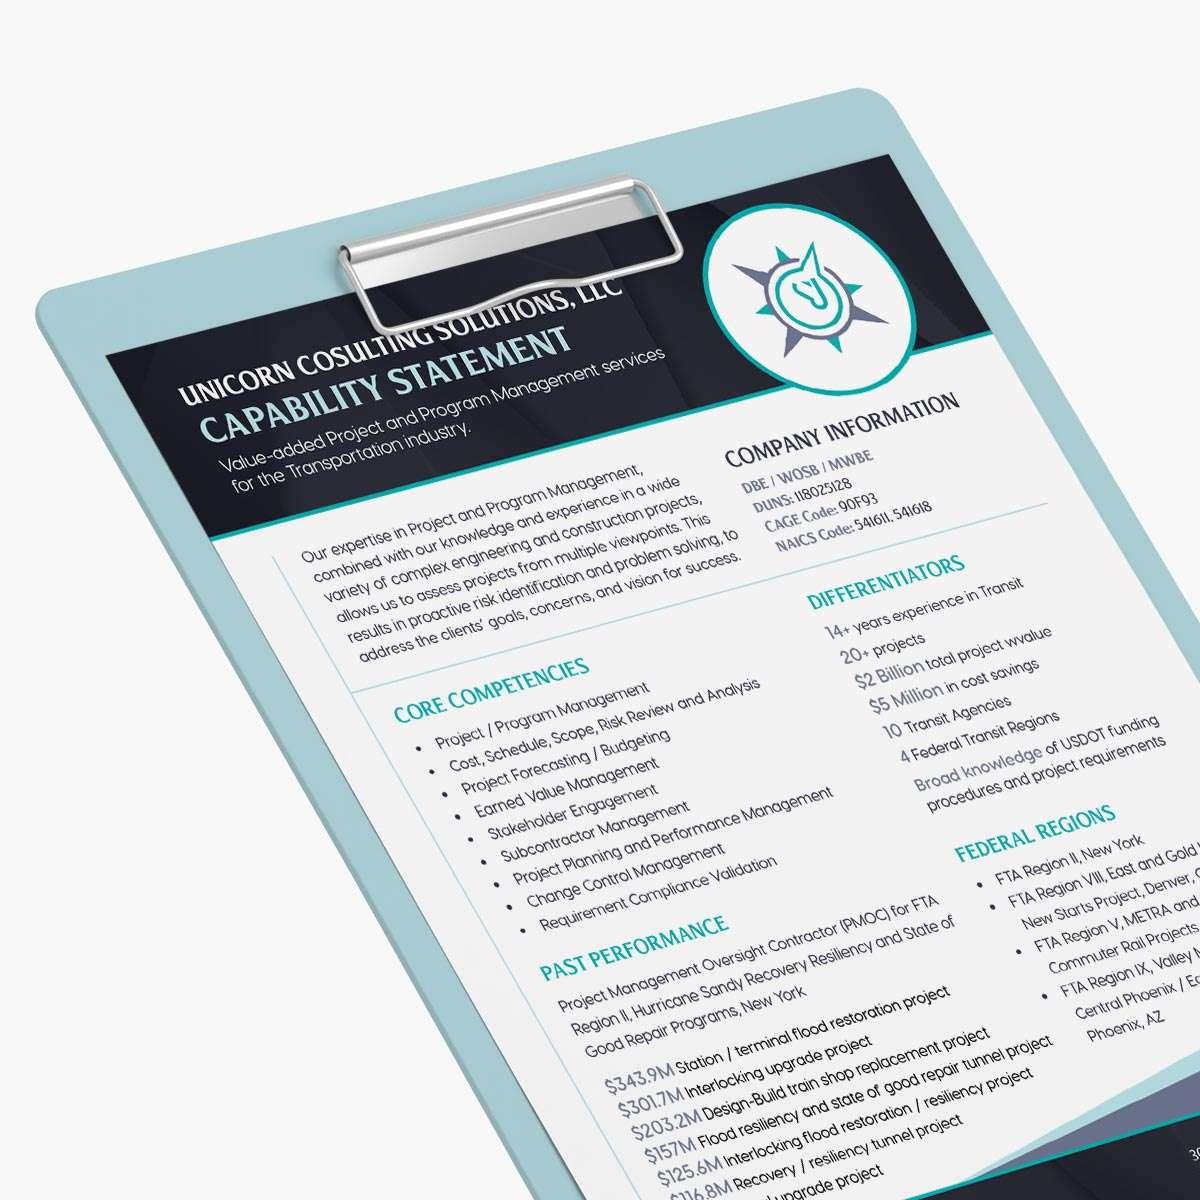 Program management design by BrandSwan, a Delaware branding agency